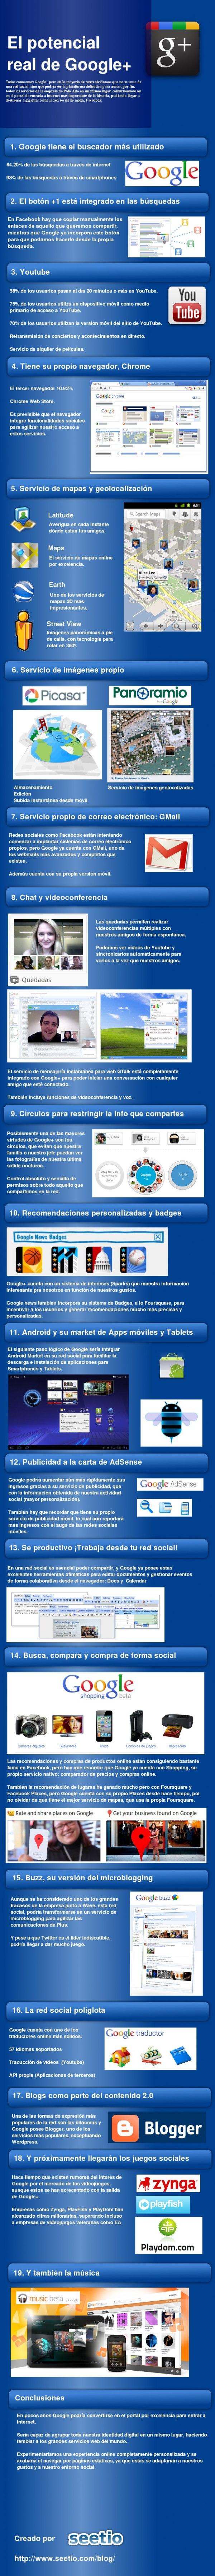 infografiagoogle+